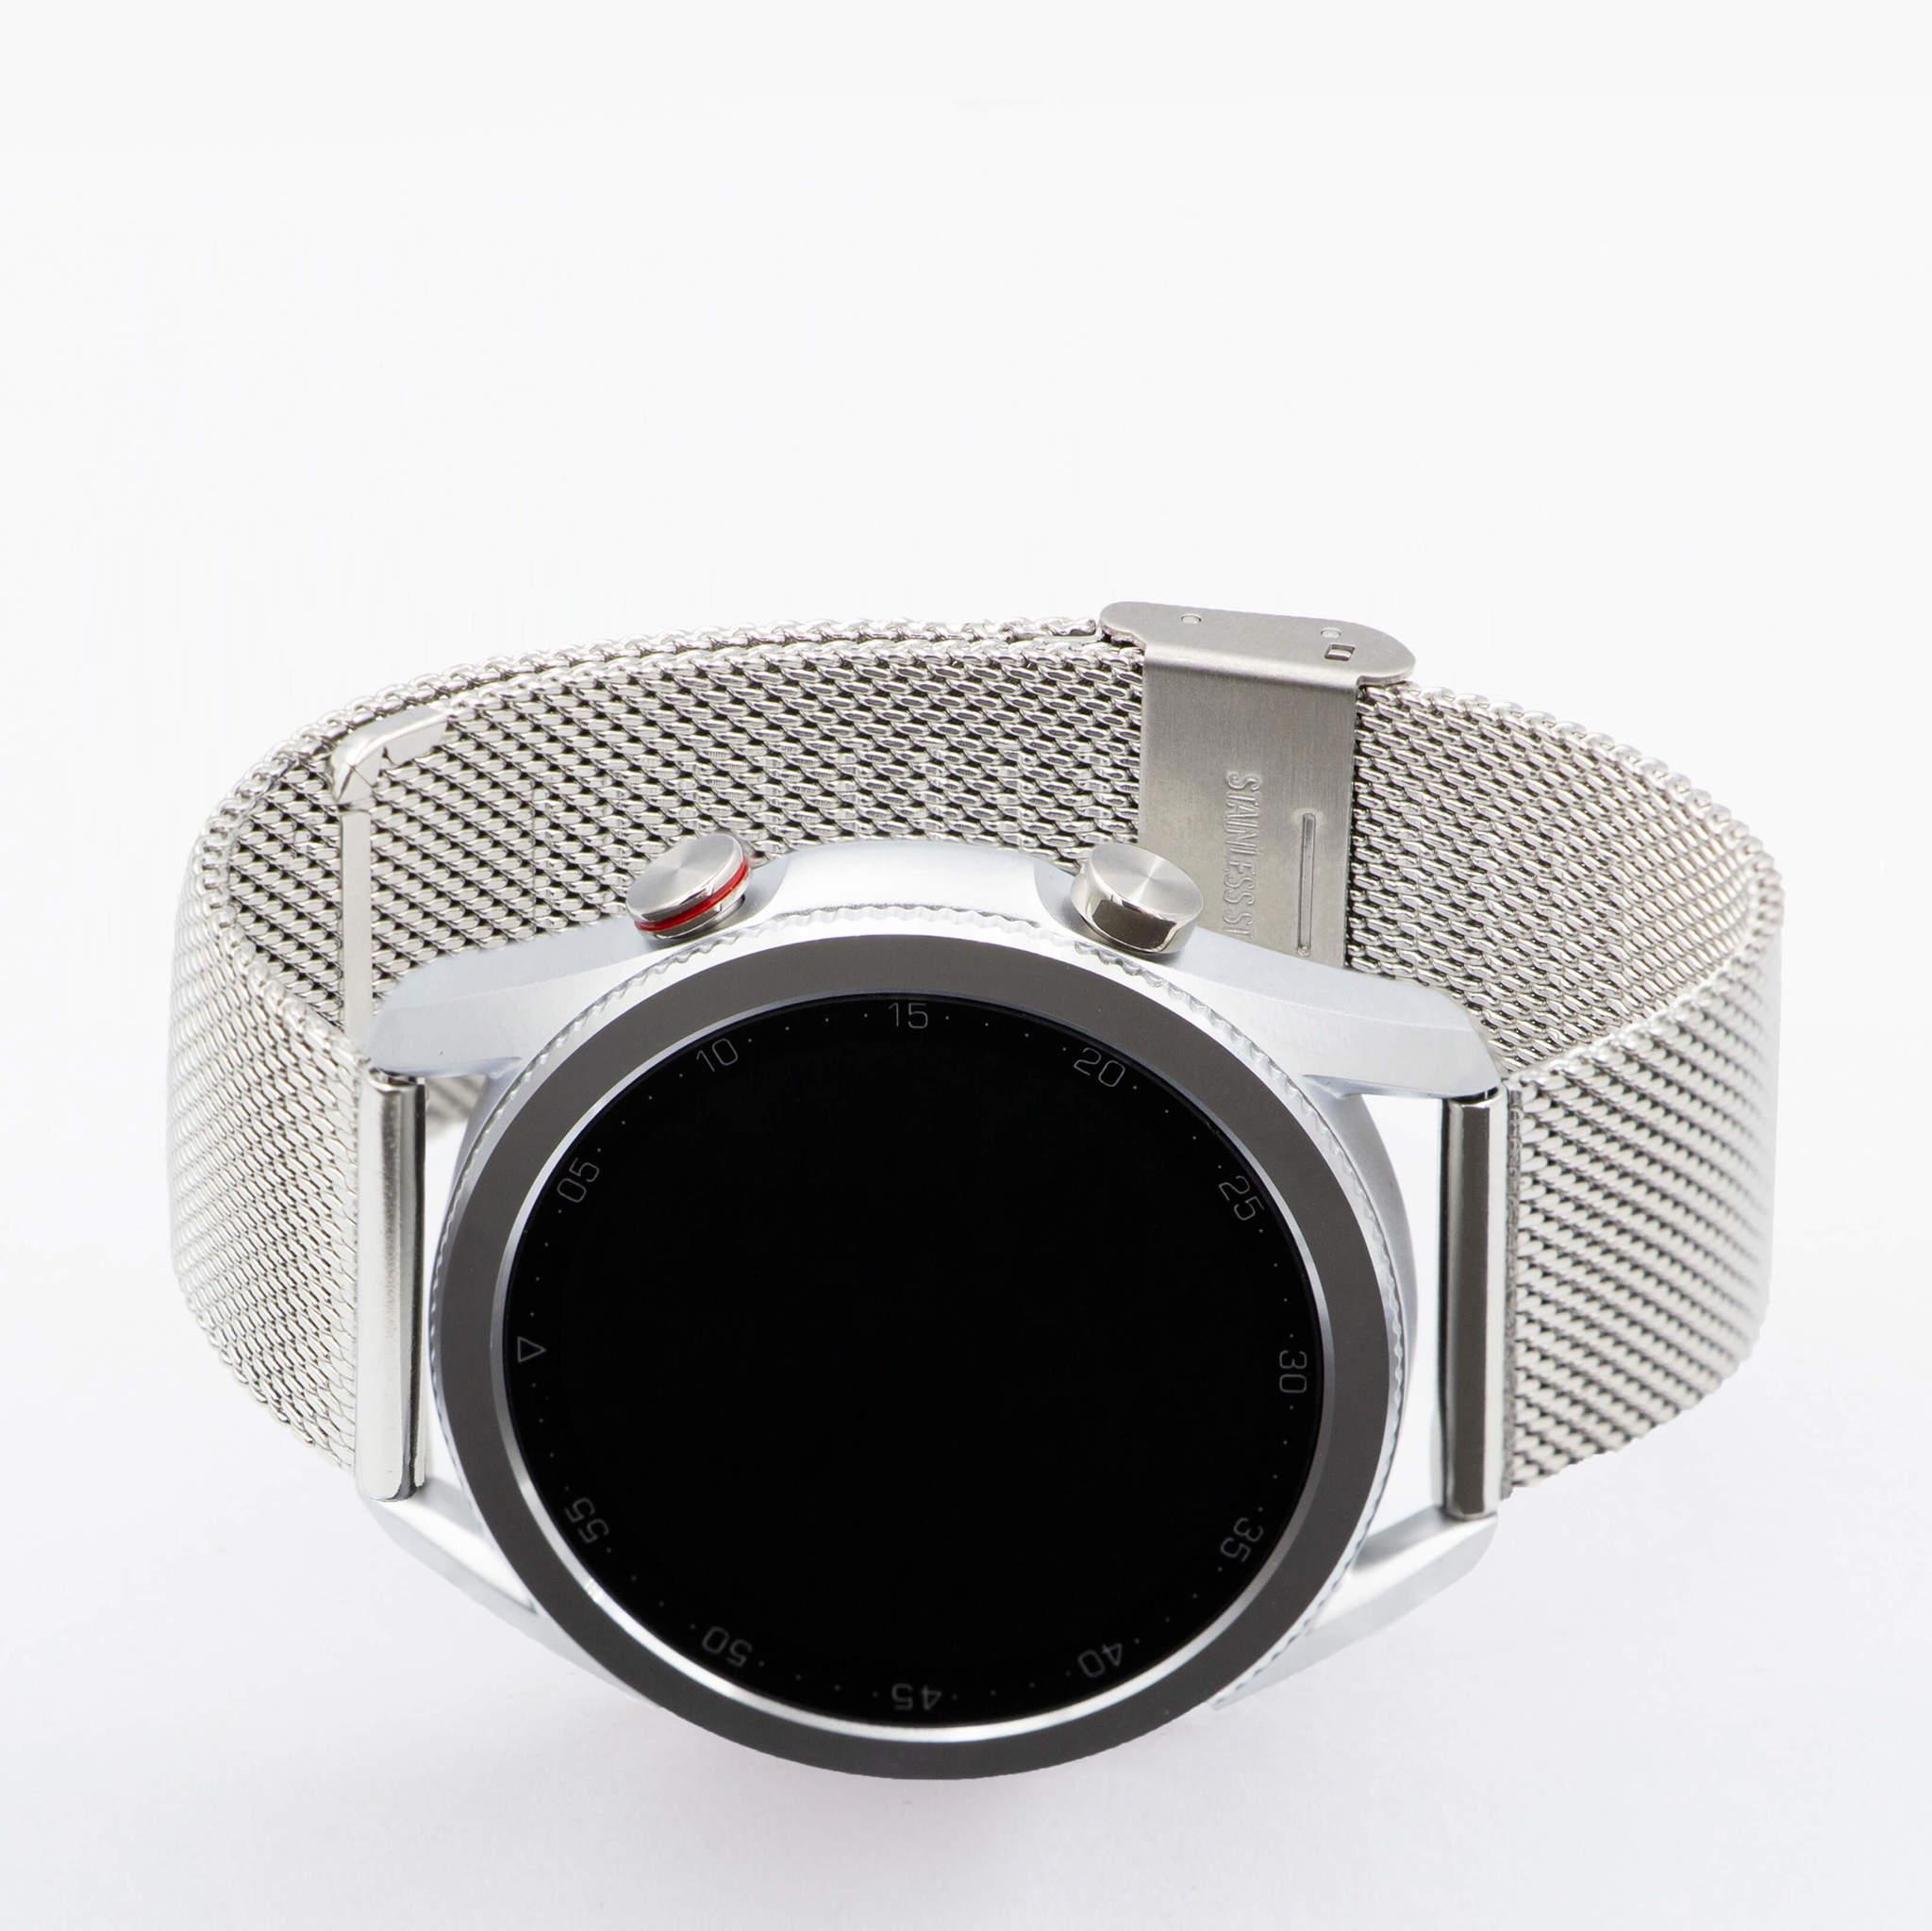 Профессиональные часы здоровья с измерением давления, пульса, кислорода и снятием ЭКГ  Health Watch Pro WP70 (серебро)